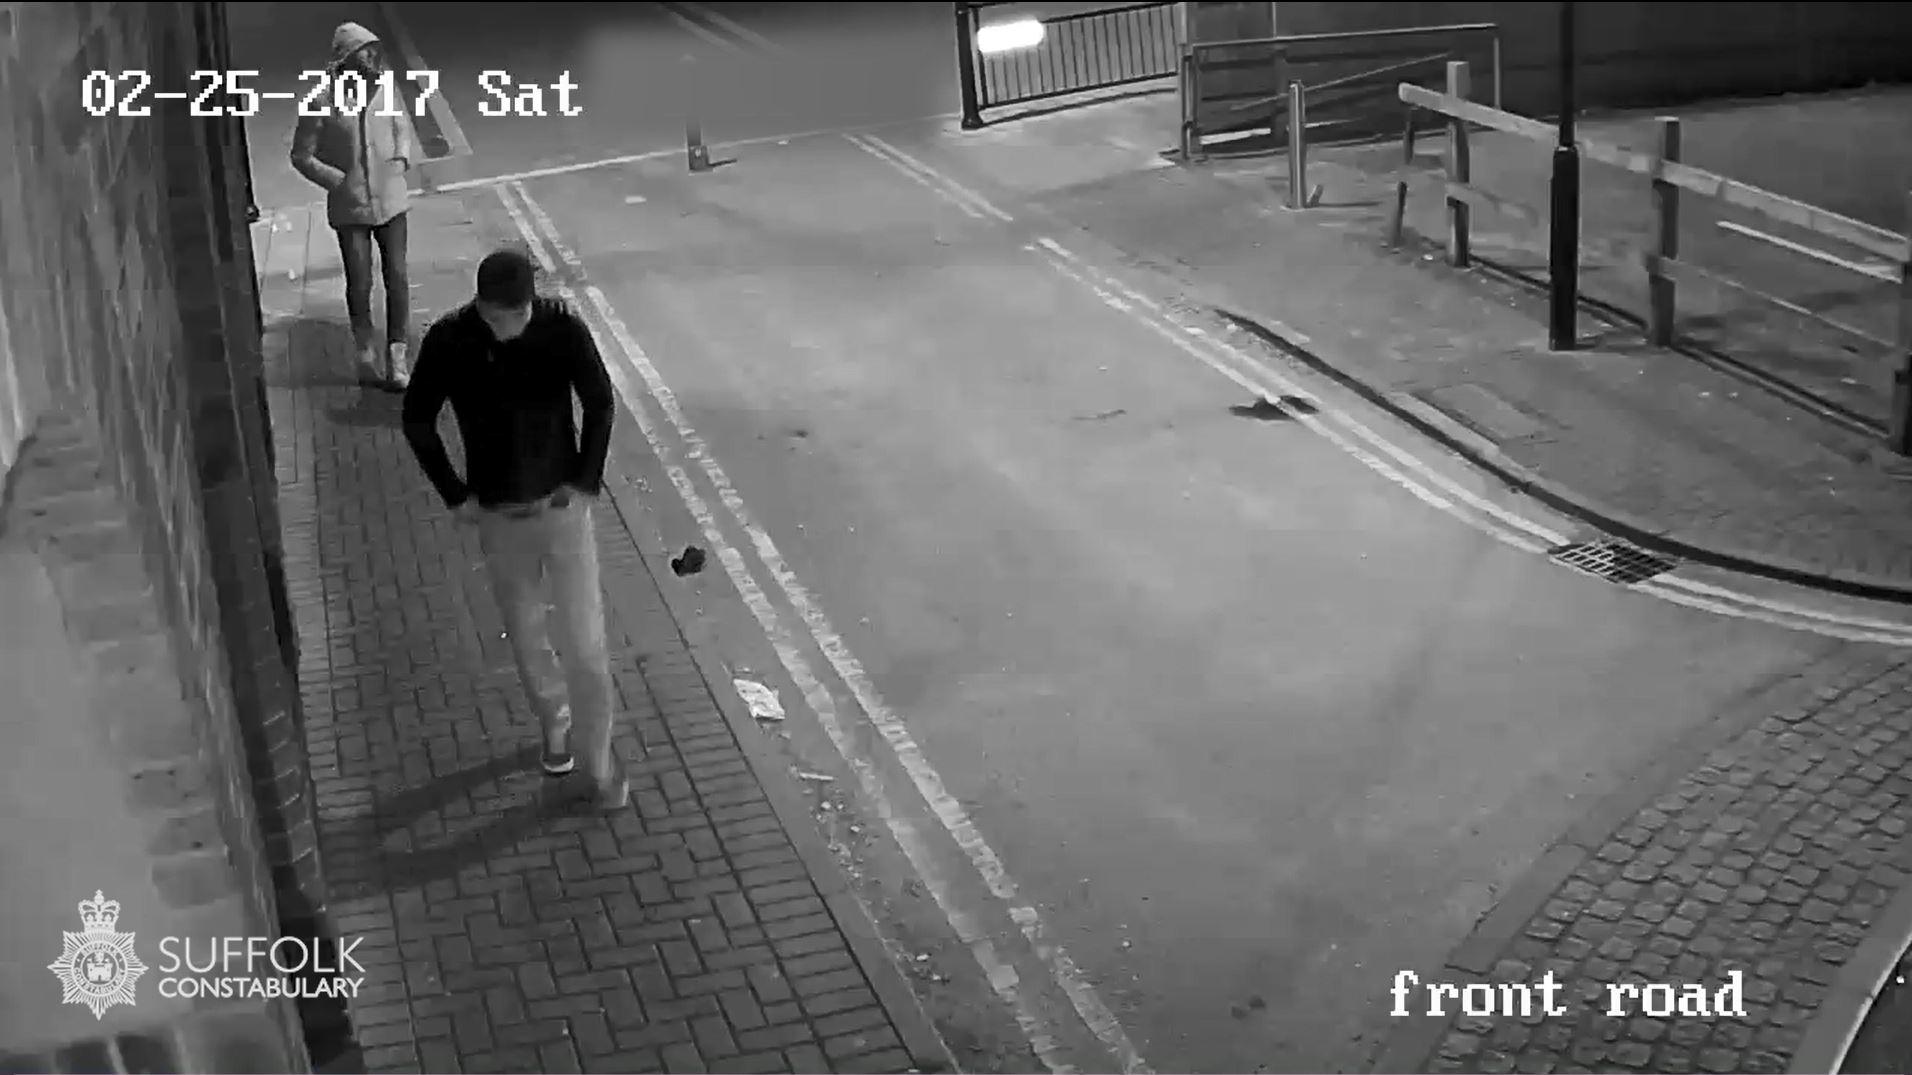 Ipswich Rape CCTV